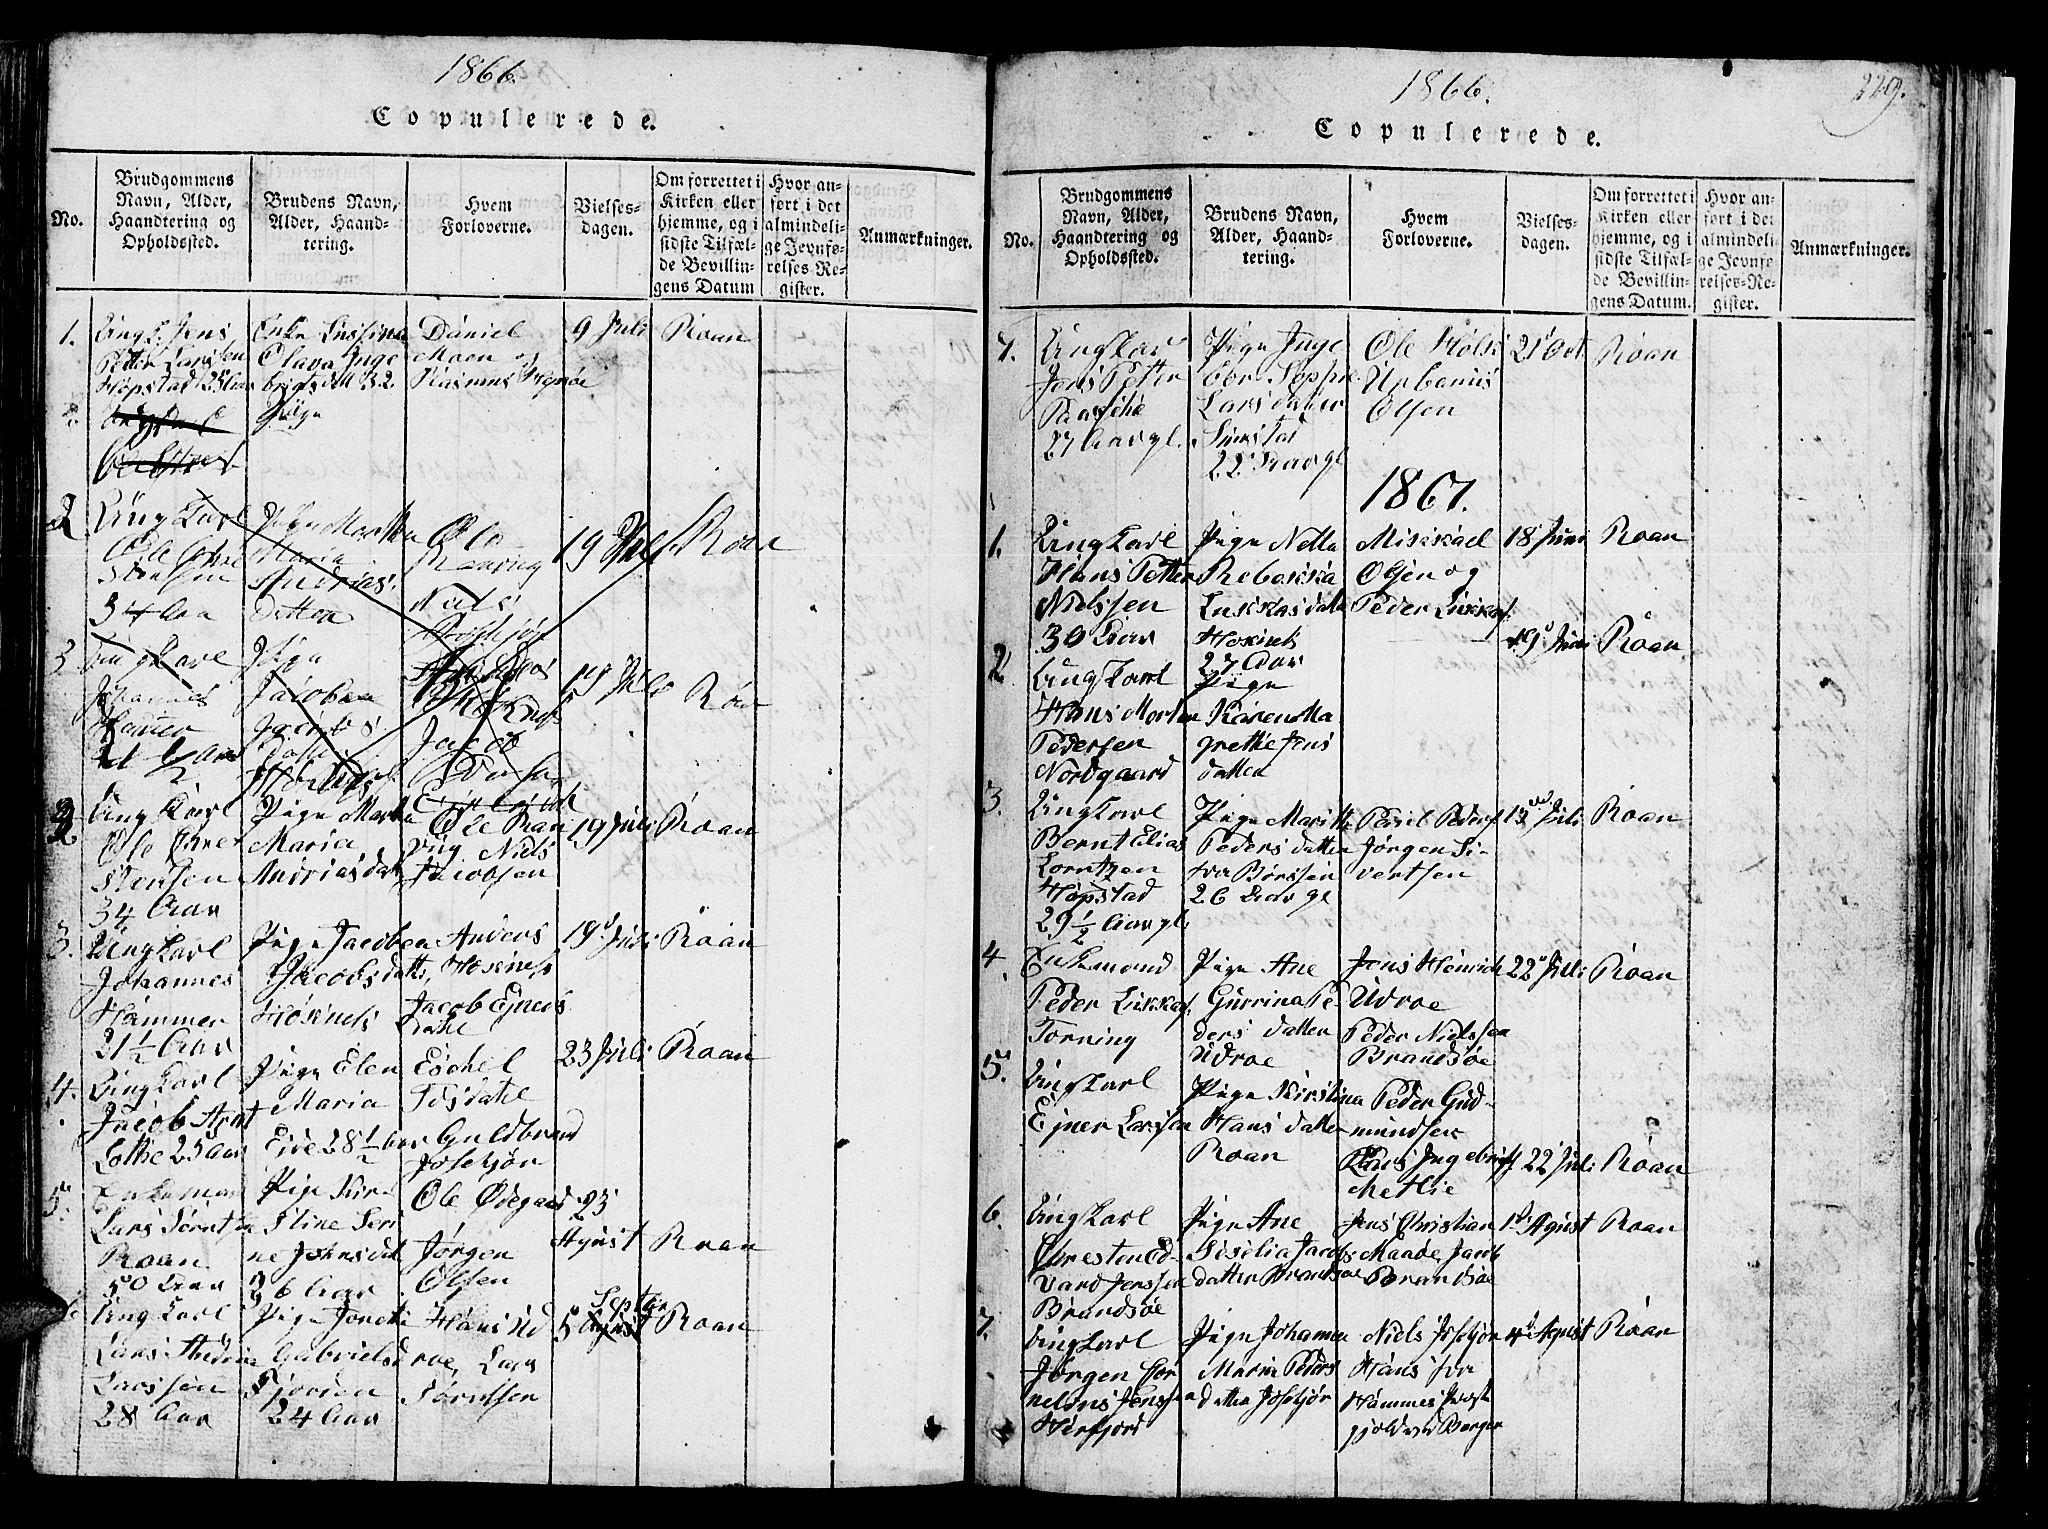 SAT, Ministerialprotokoller, klokkerbøker og fødselsregistre - Sør-Trøndelag, 657/L0714: Klokkerbok nr. 657C01, 1818-1868, s. 229